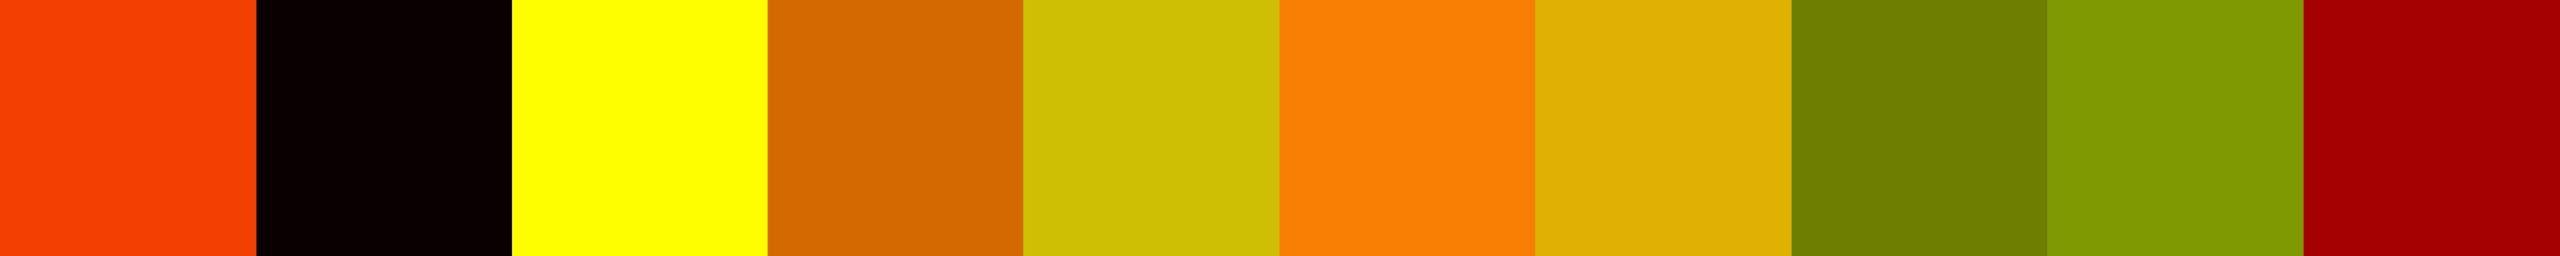 82 Ocornia Color Palette